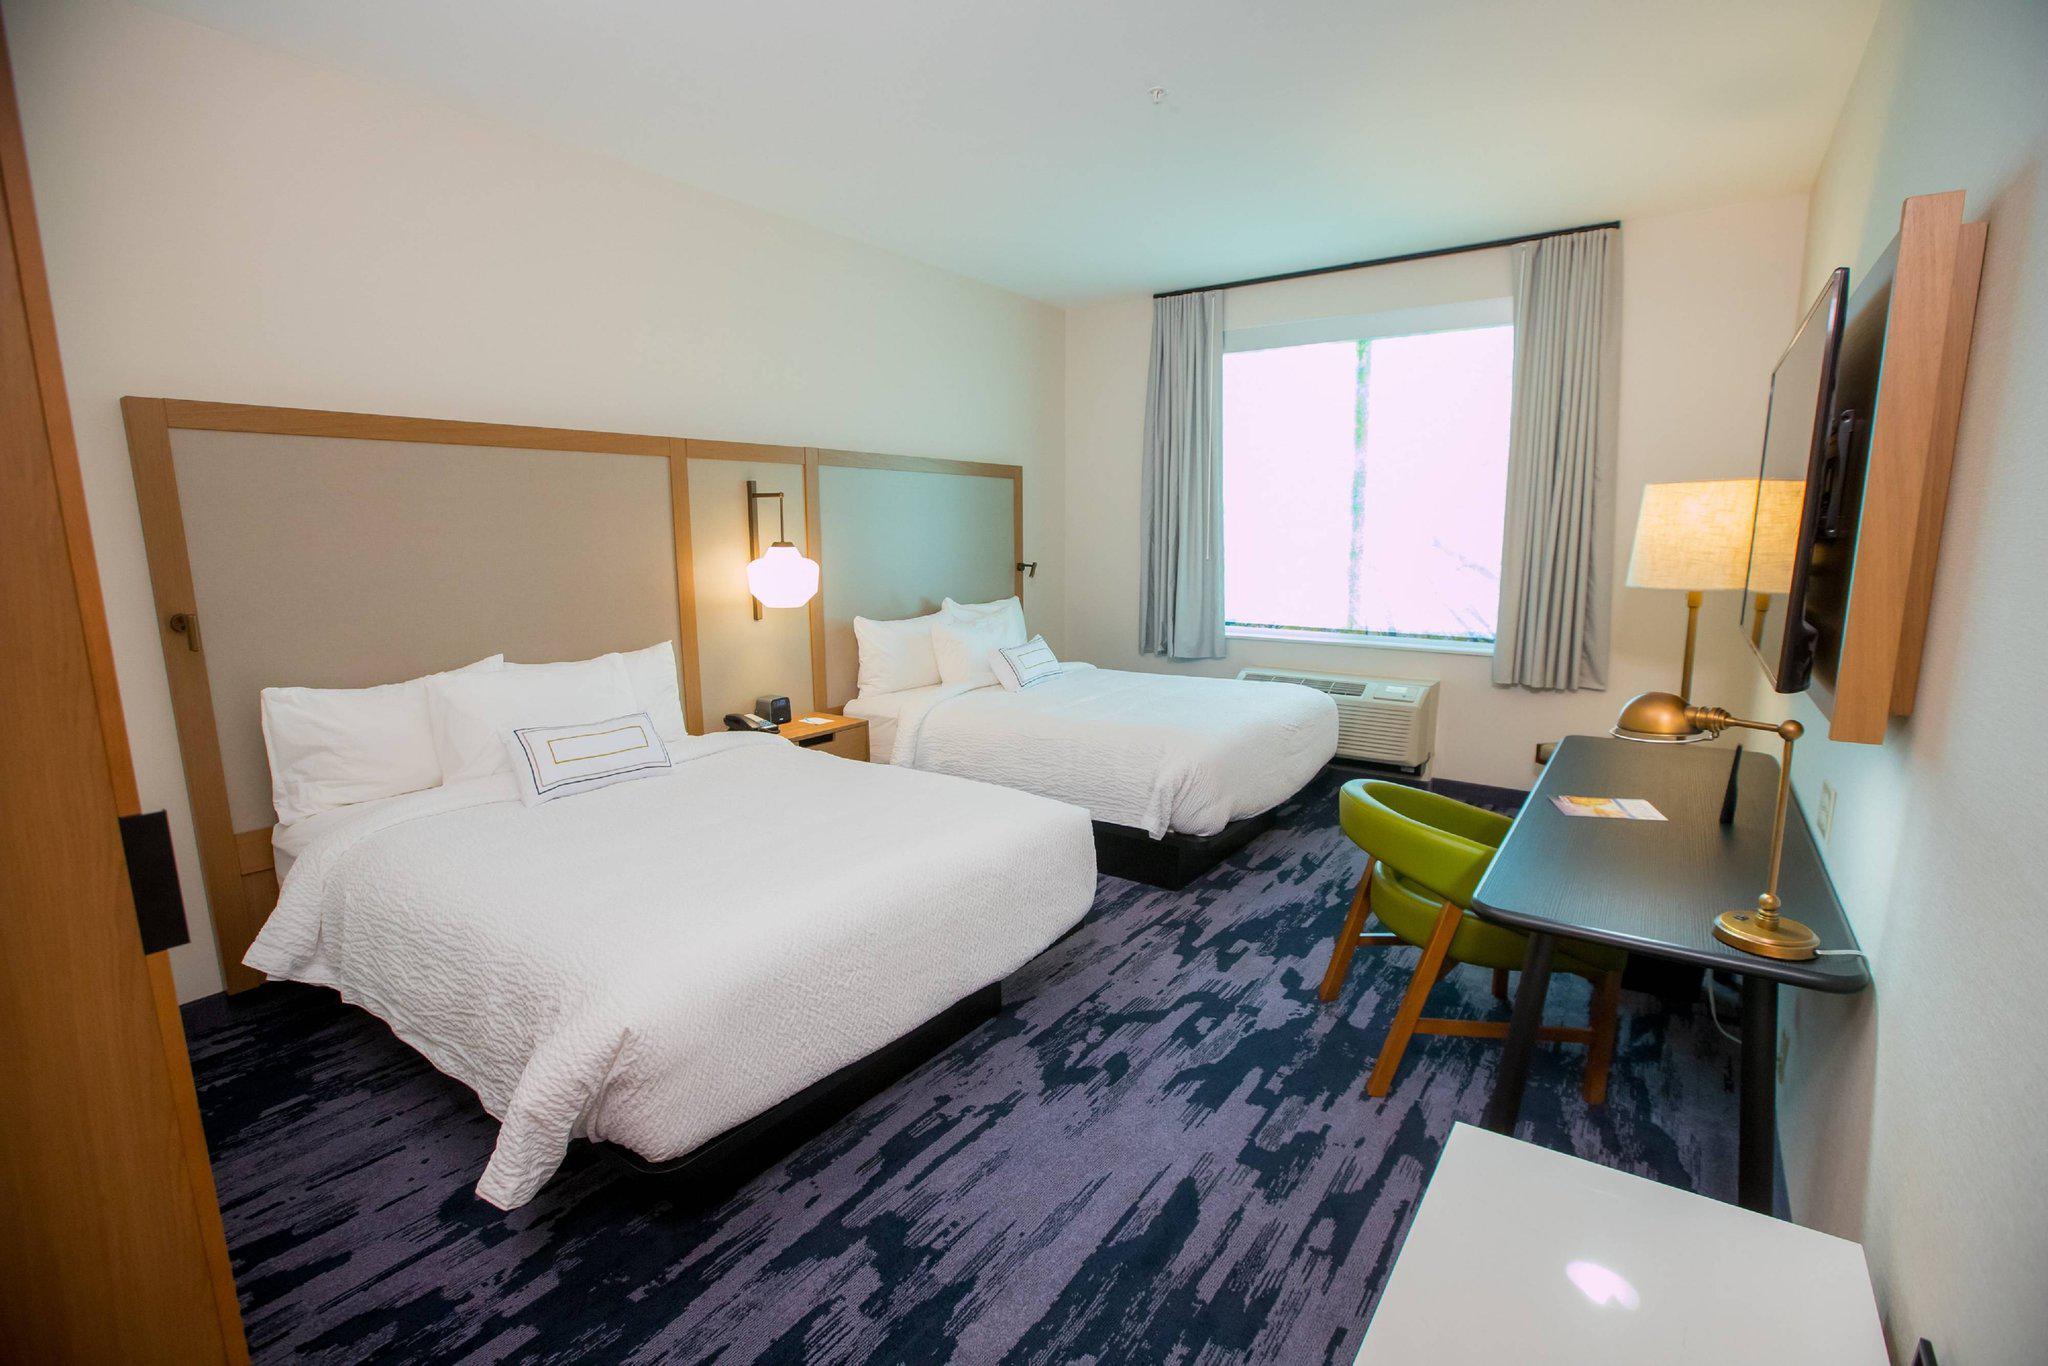 Fairfield Inn & Suites by Marriott Alexandria